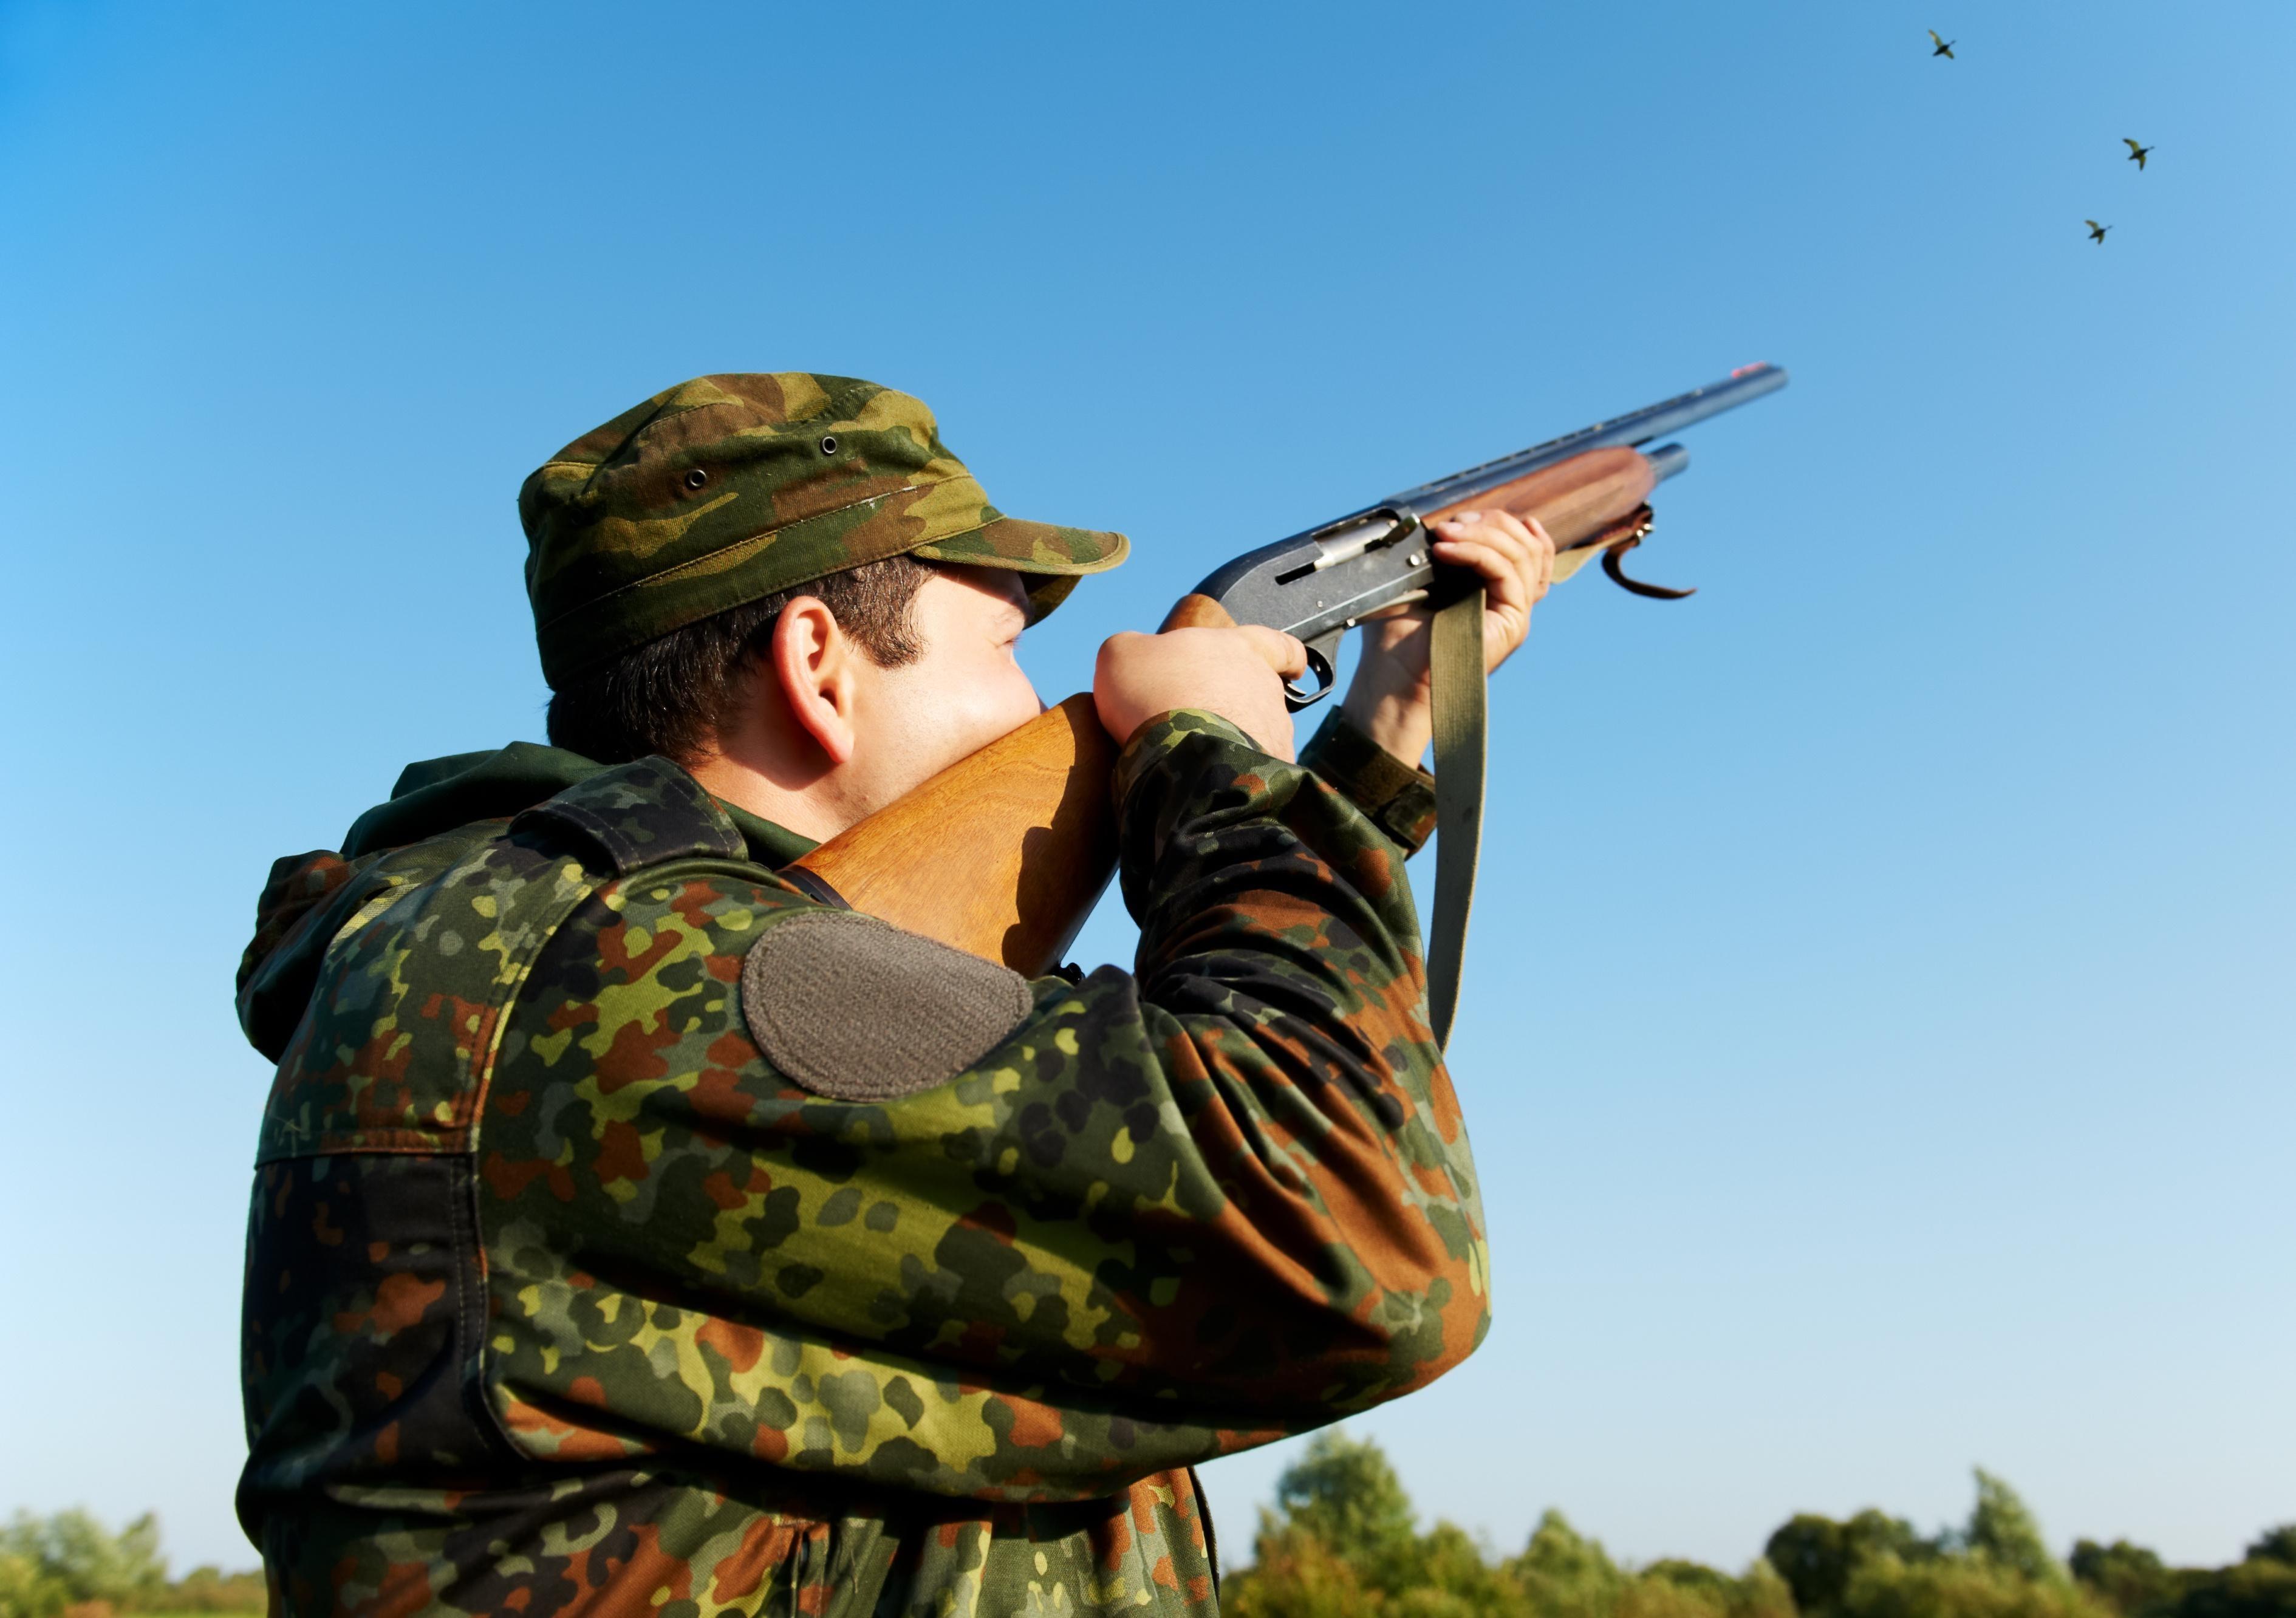 perdigon para caza